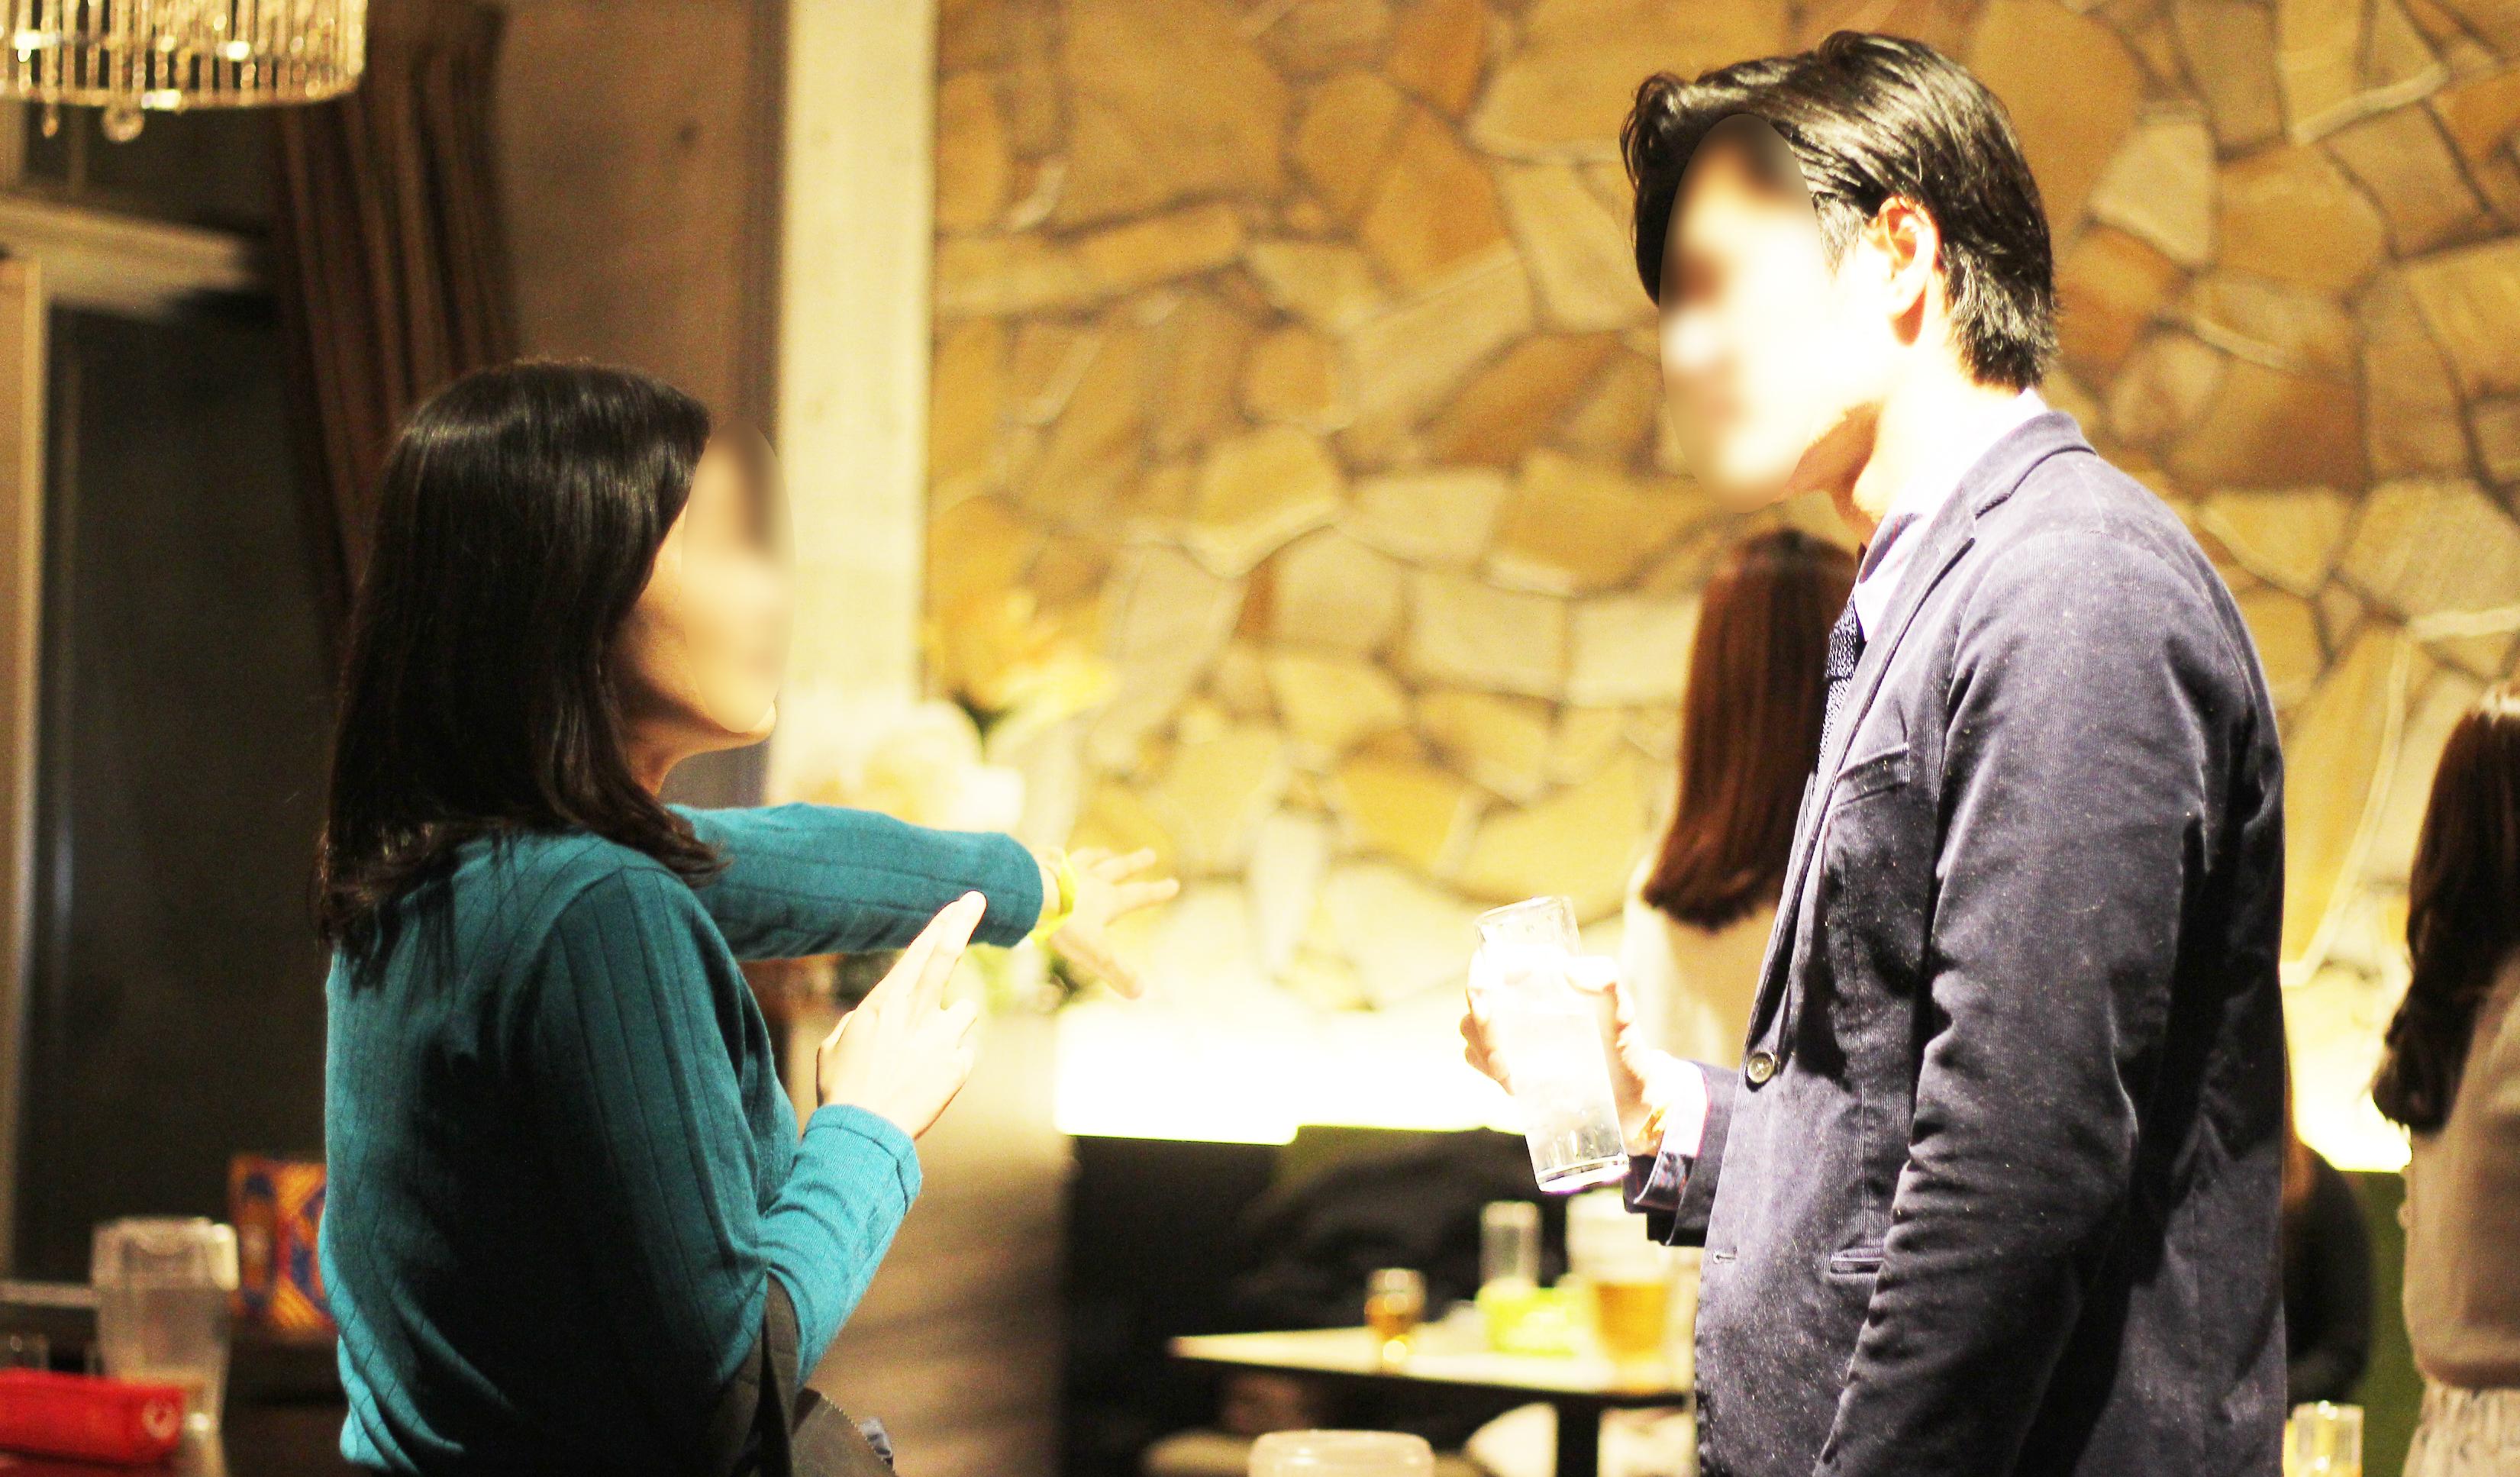 【京都】 烏丸御池にて恋活・婚活 立食パーティー★メダルのような『HIKARI』を求めて…♡♡ サブ画像2